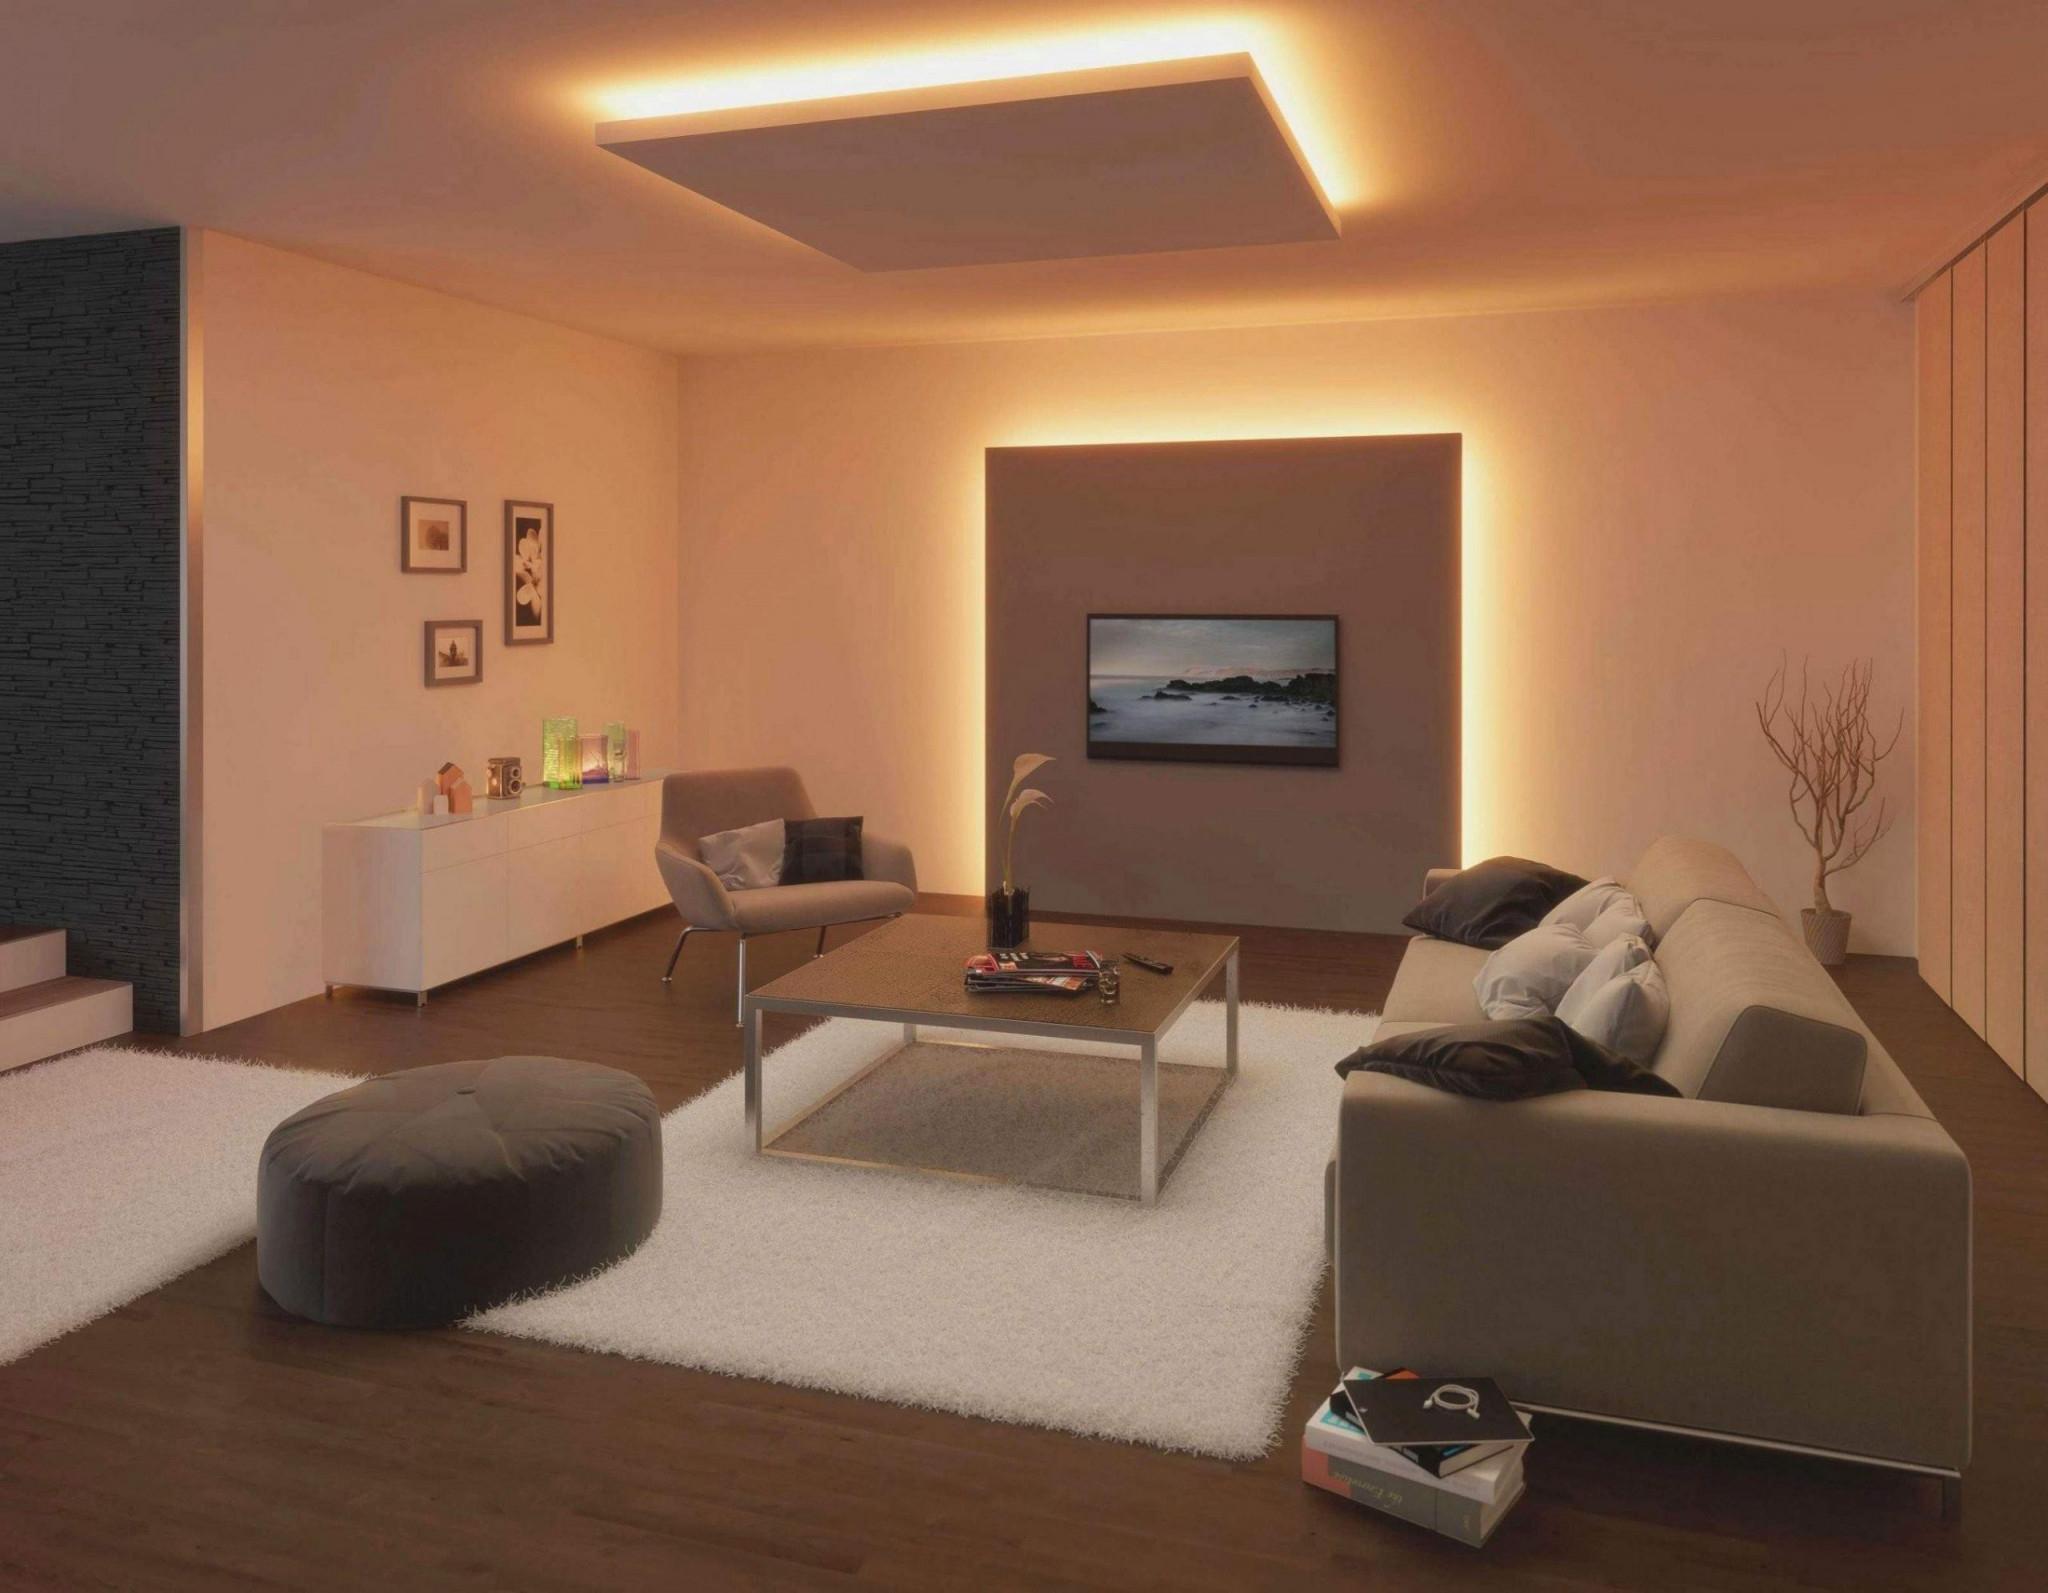 38 Luxus Ikea Lampen Wohnzimmer Reizend  Wohnzimmer Frisch von Wohnzimmer Lampe Design Bild